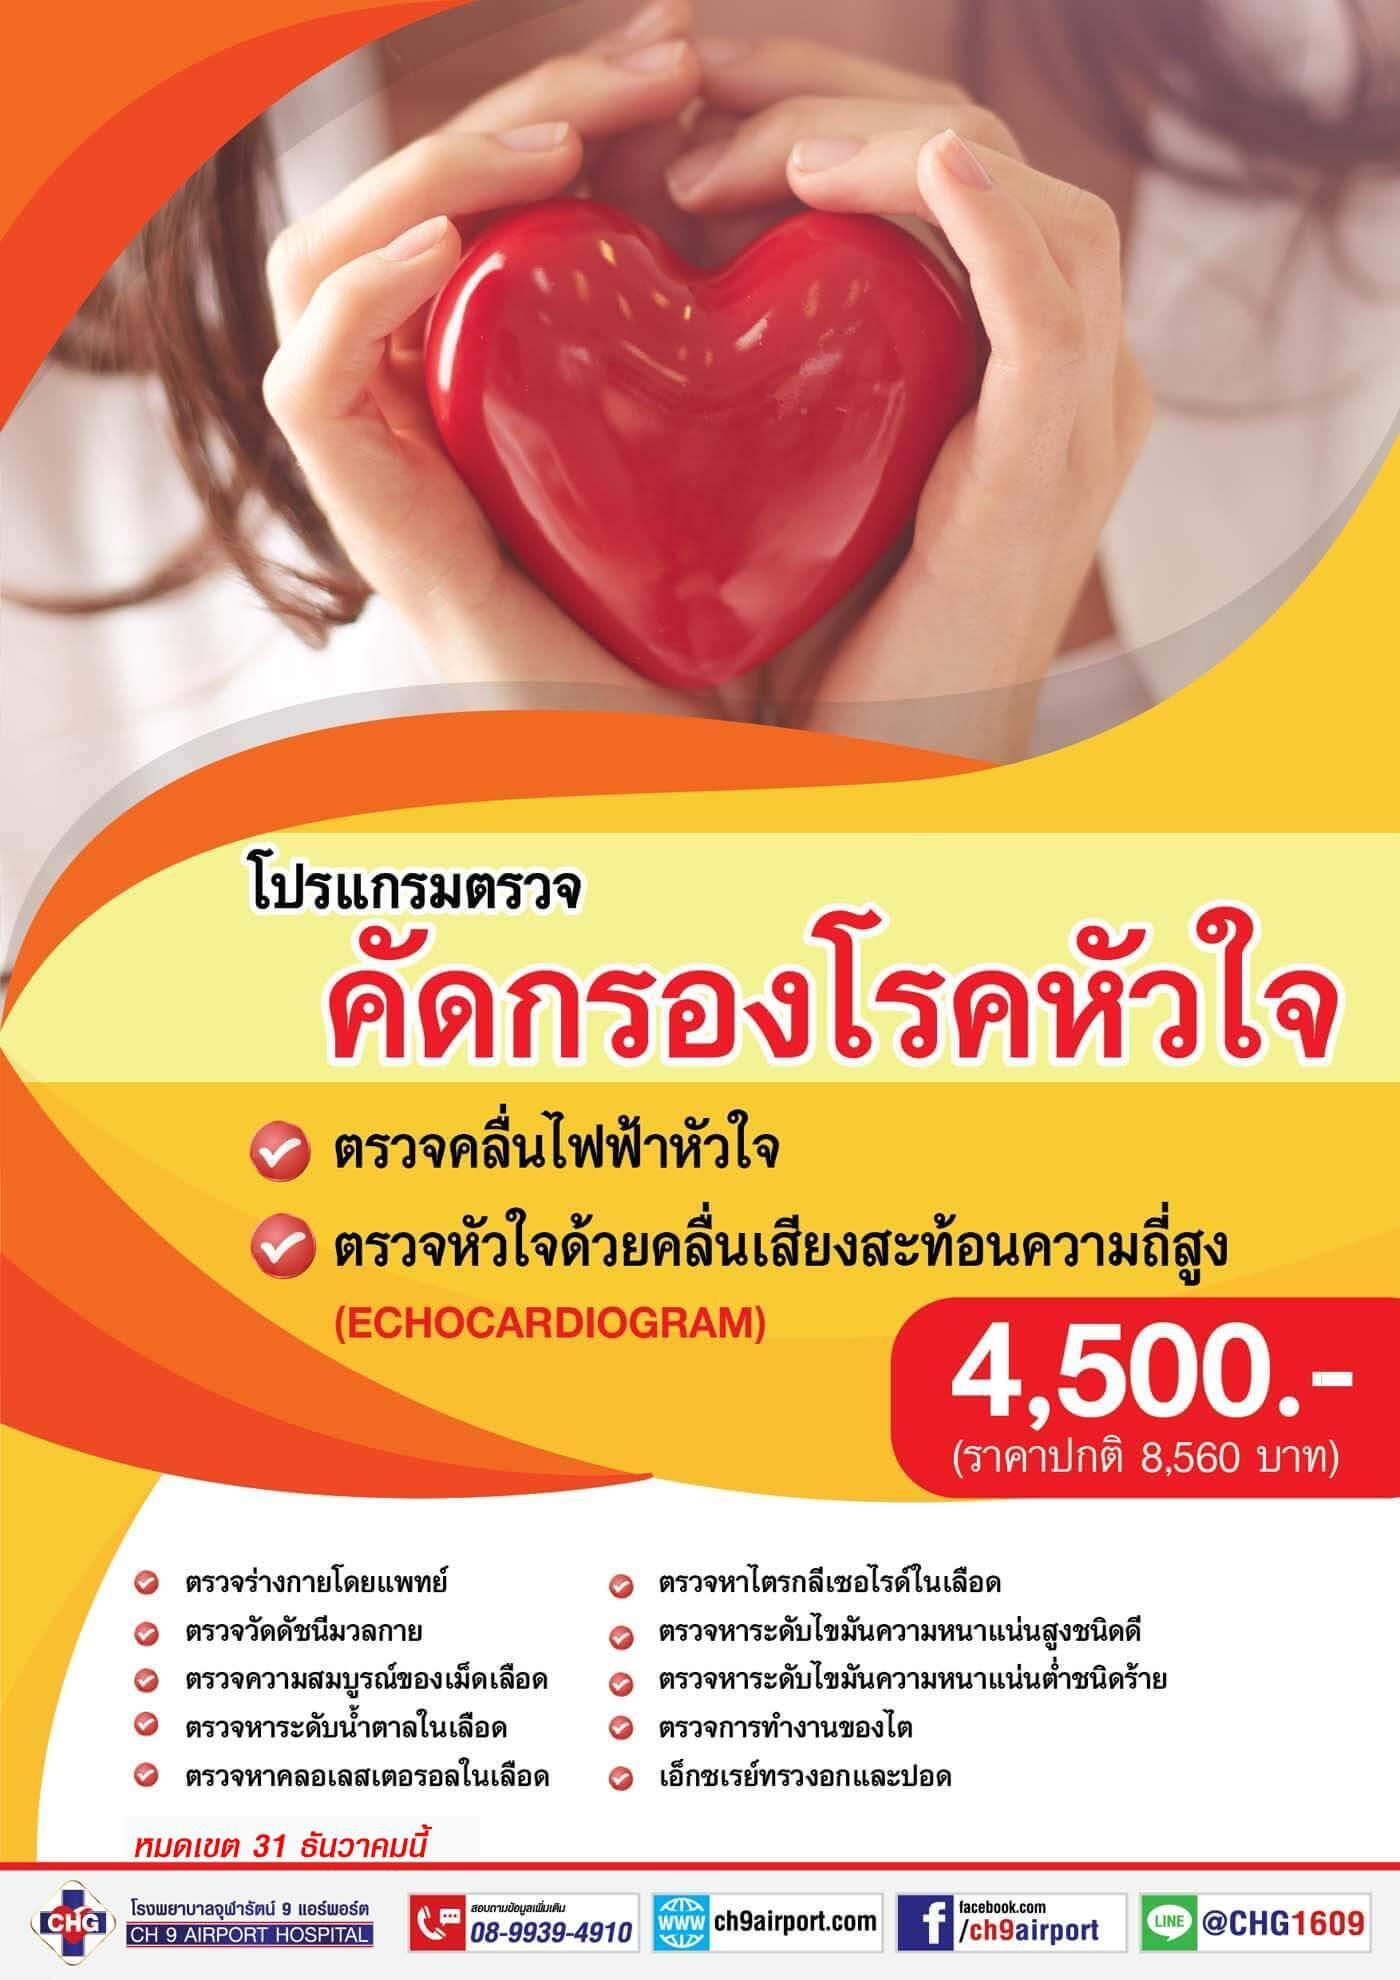 6201-pro-heart-echo